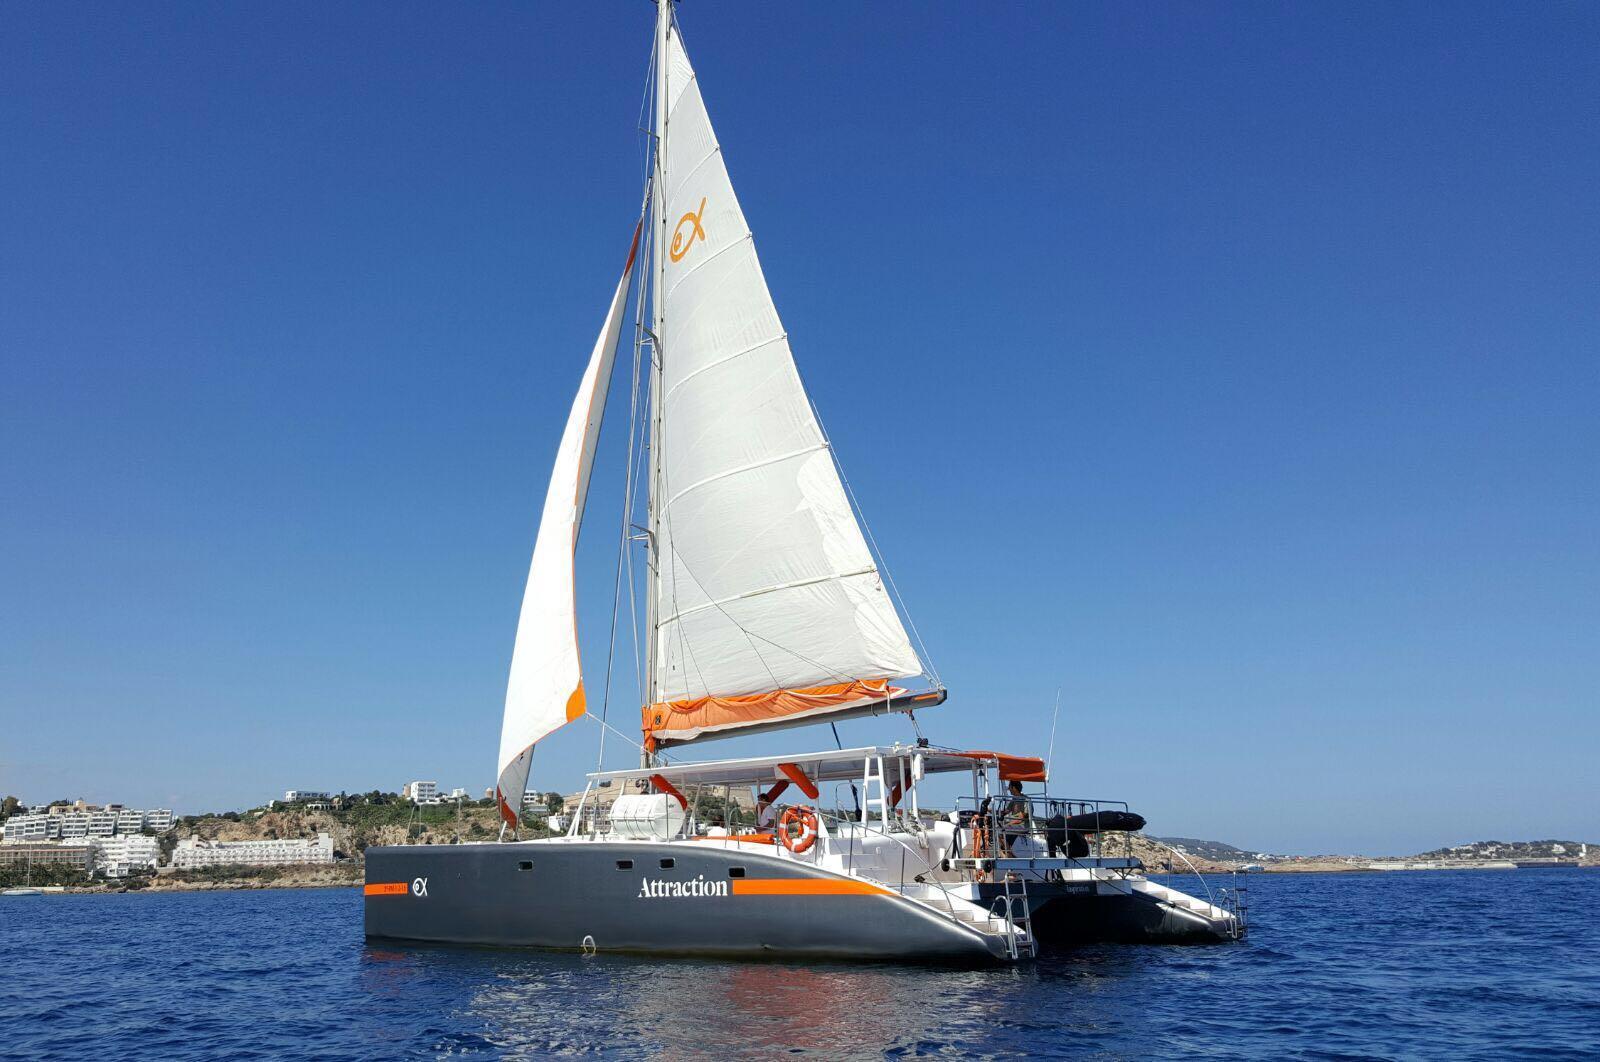 Un elegante catamarán que navega las aguas cristalinas del mar Mediterráneo, para excursiones y eventos privados en las Islas Baleares.